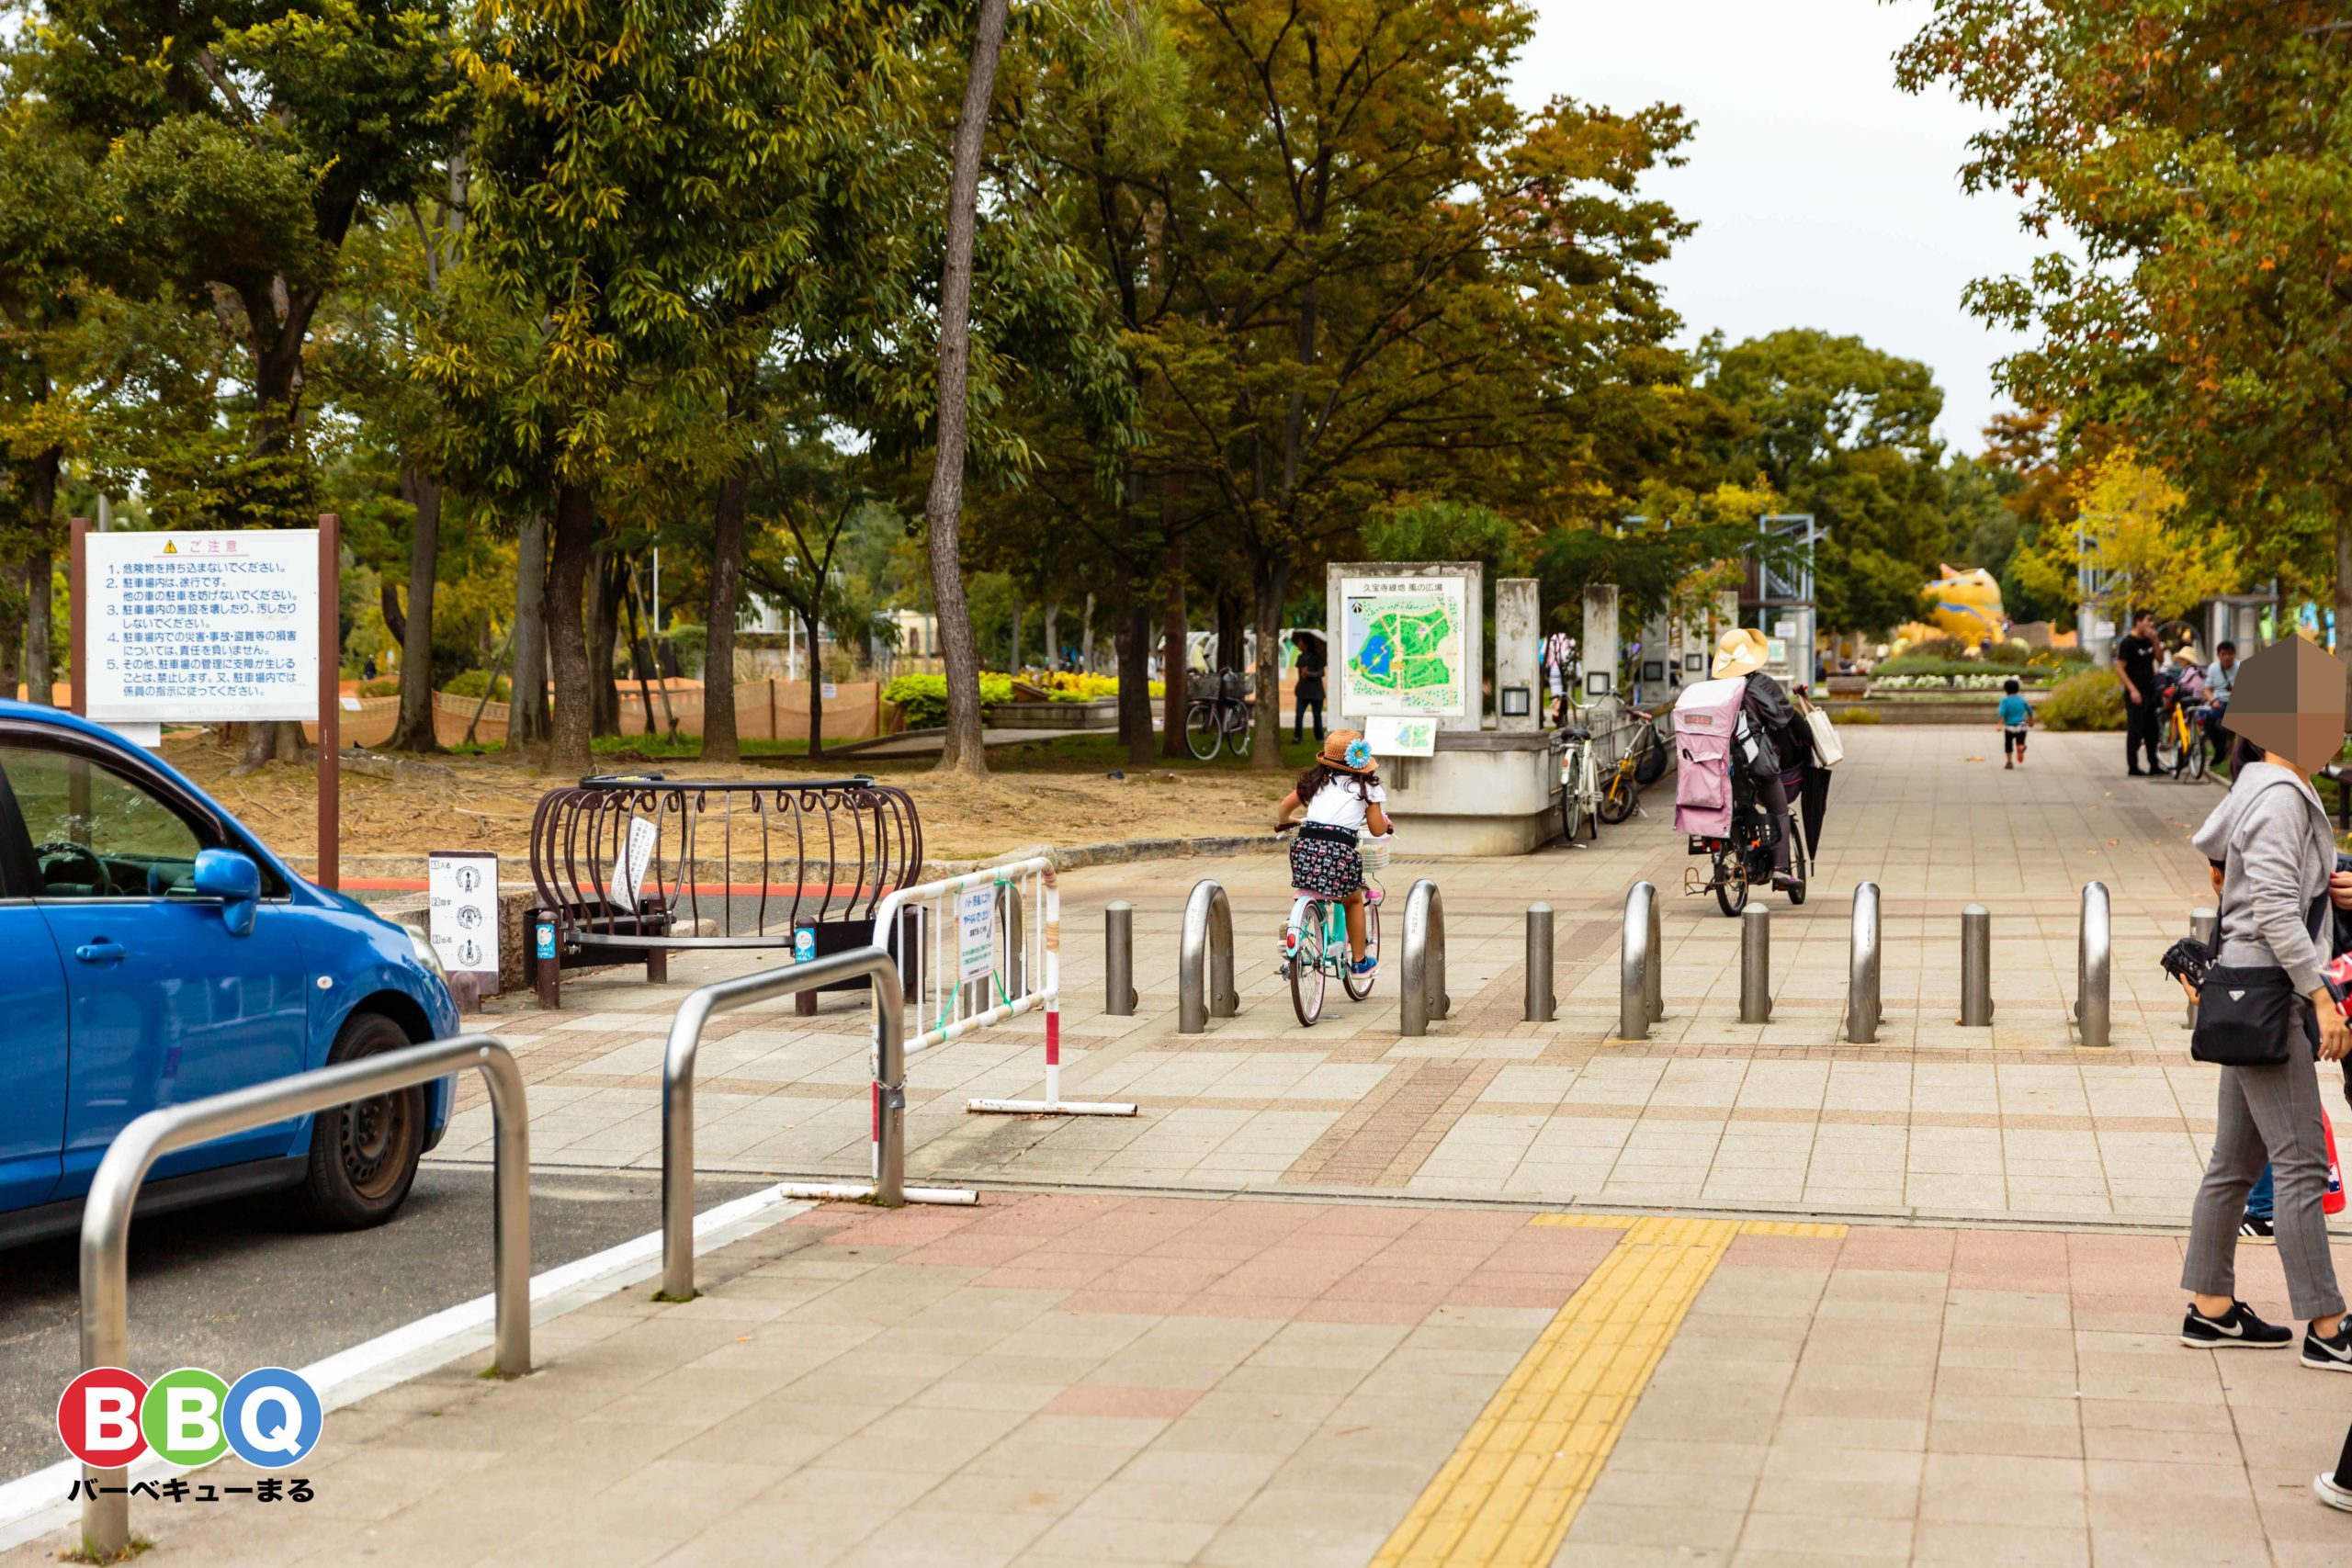 久宝寺緑地公園のエントランスゲート